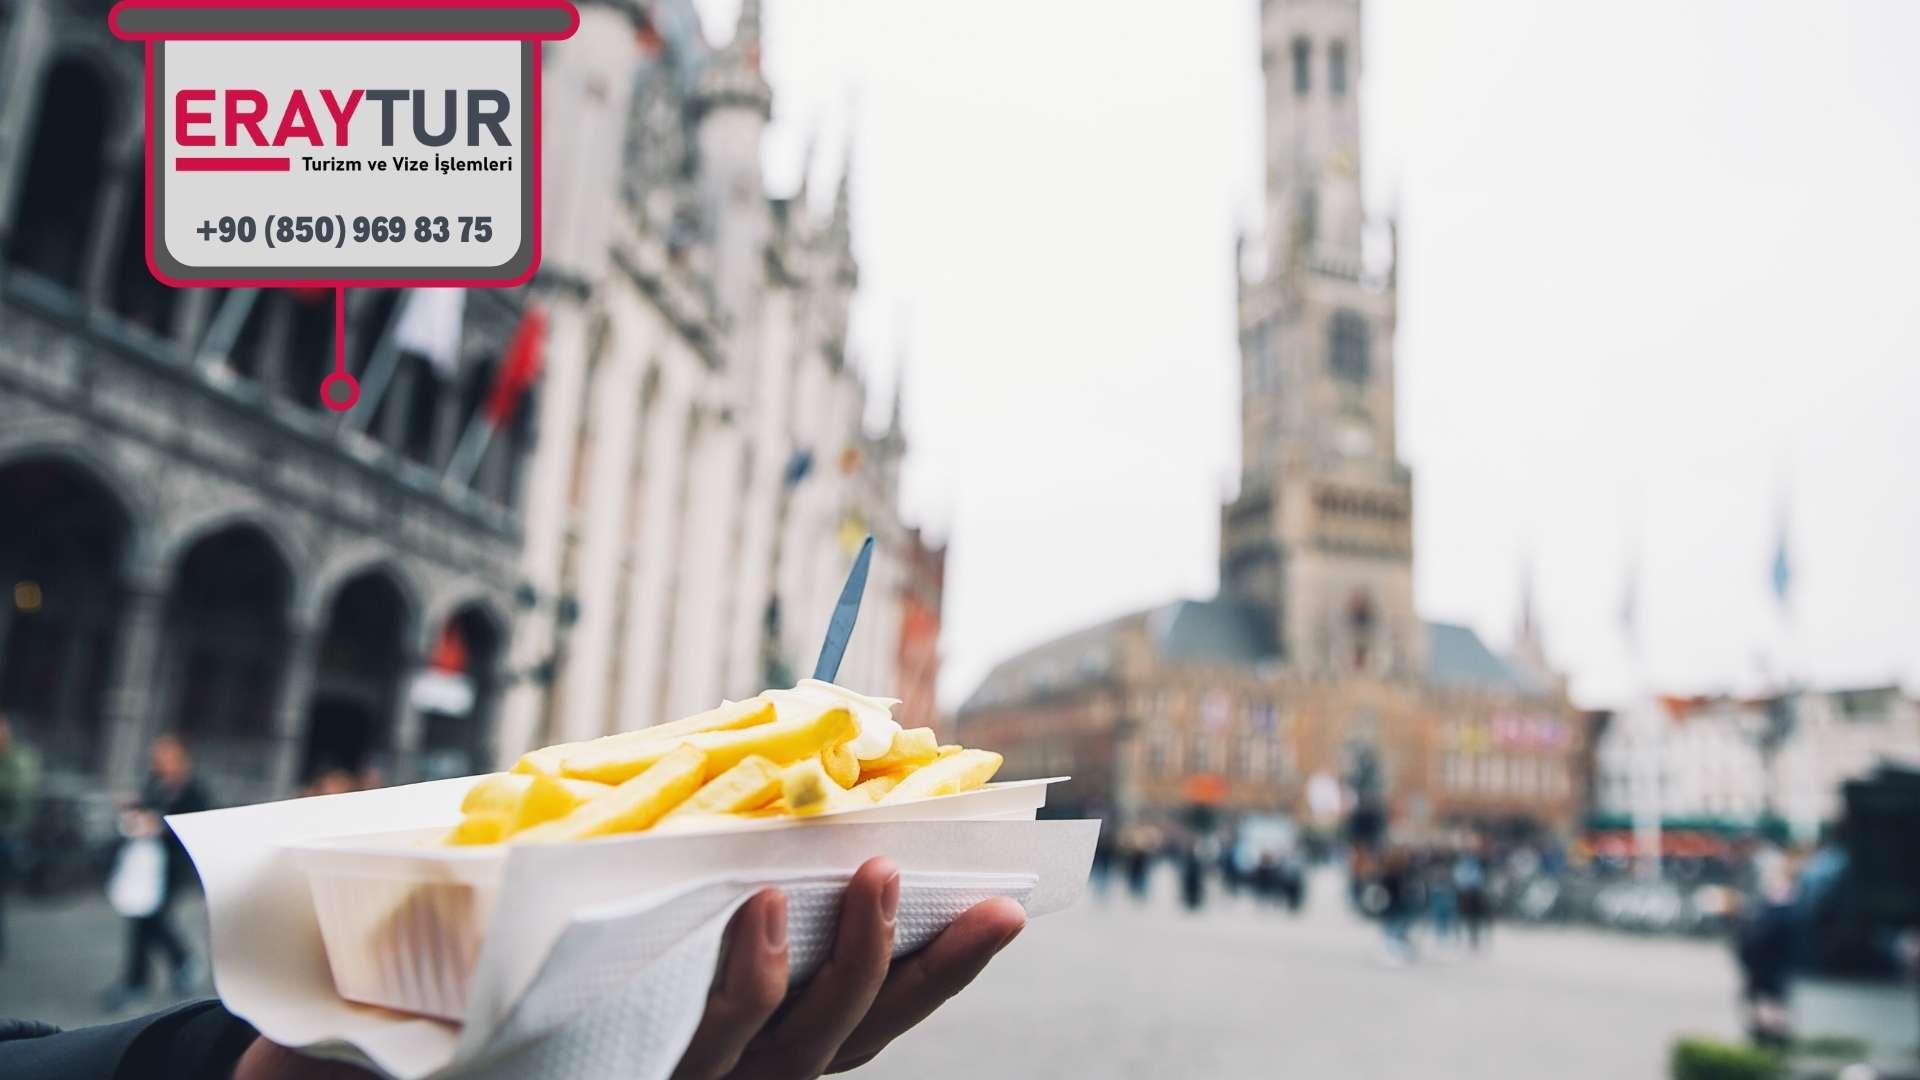 Belçika Turistik Vize Dilekçe Örneği